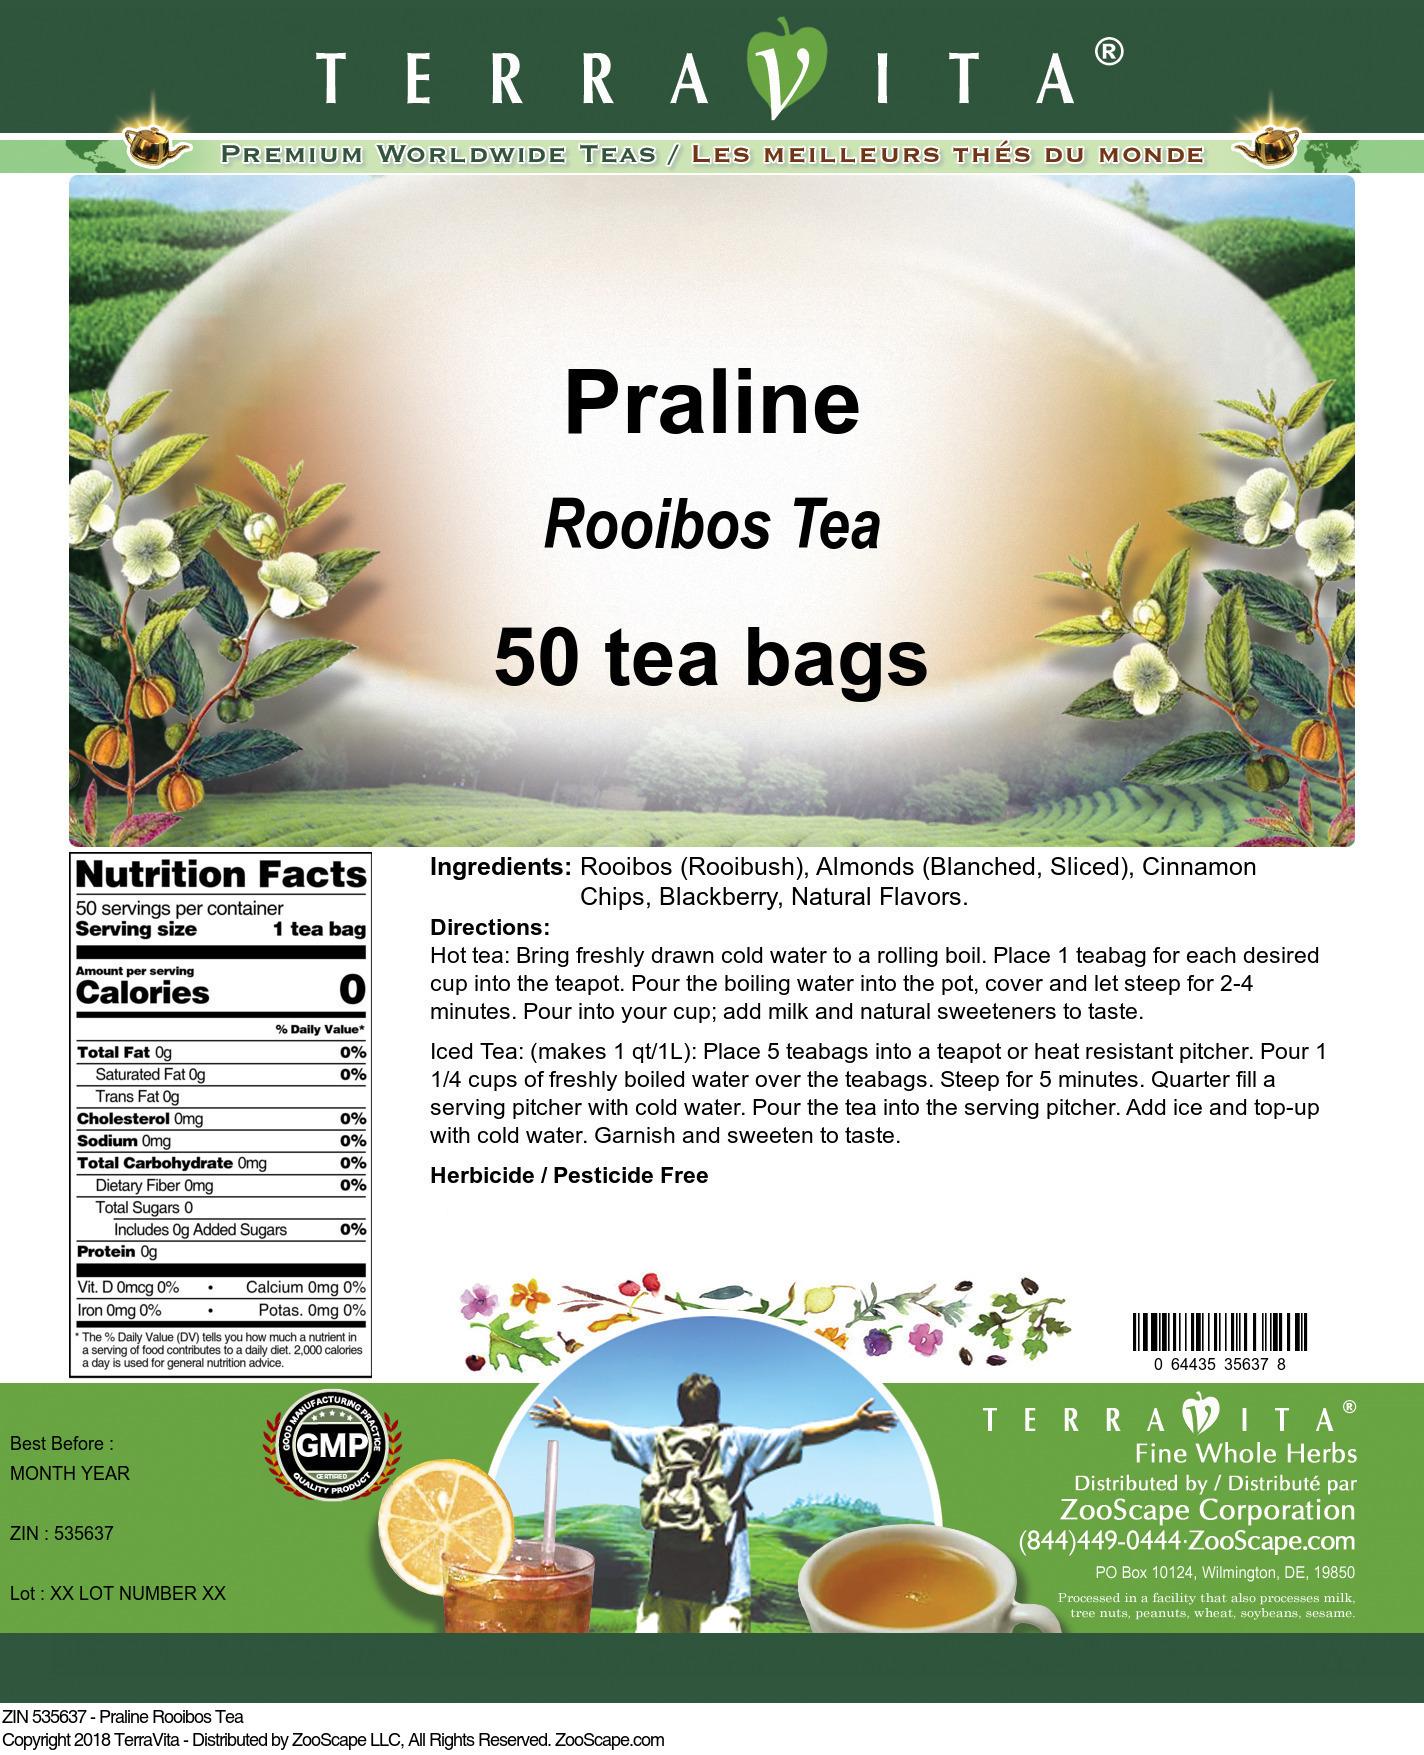 Praline Rooibos Tea